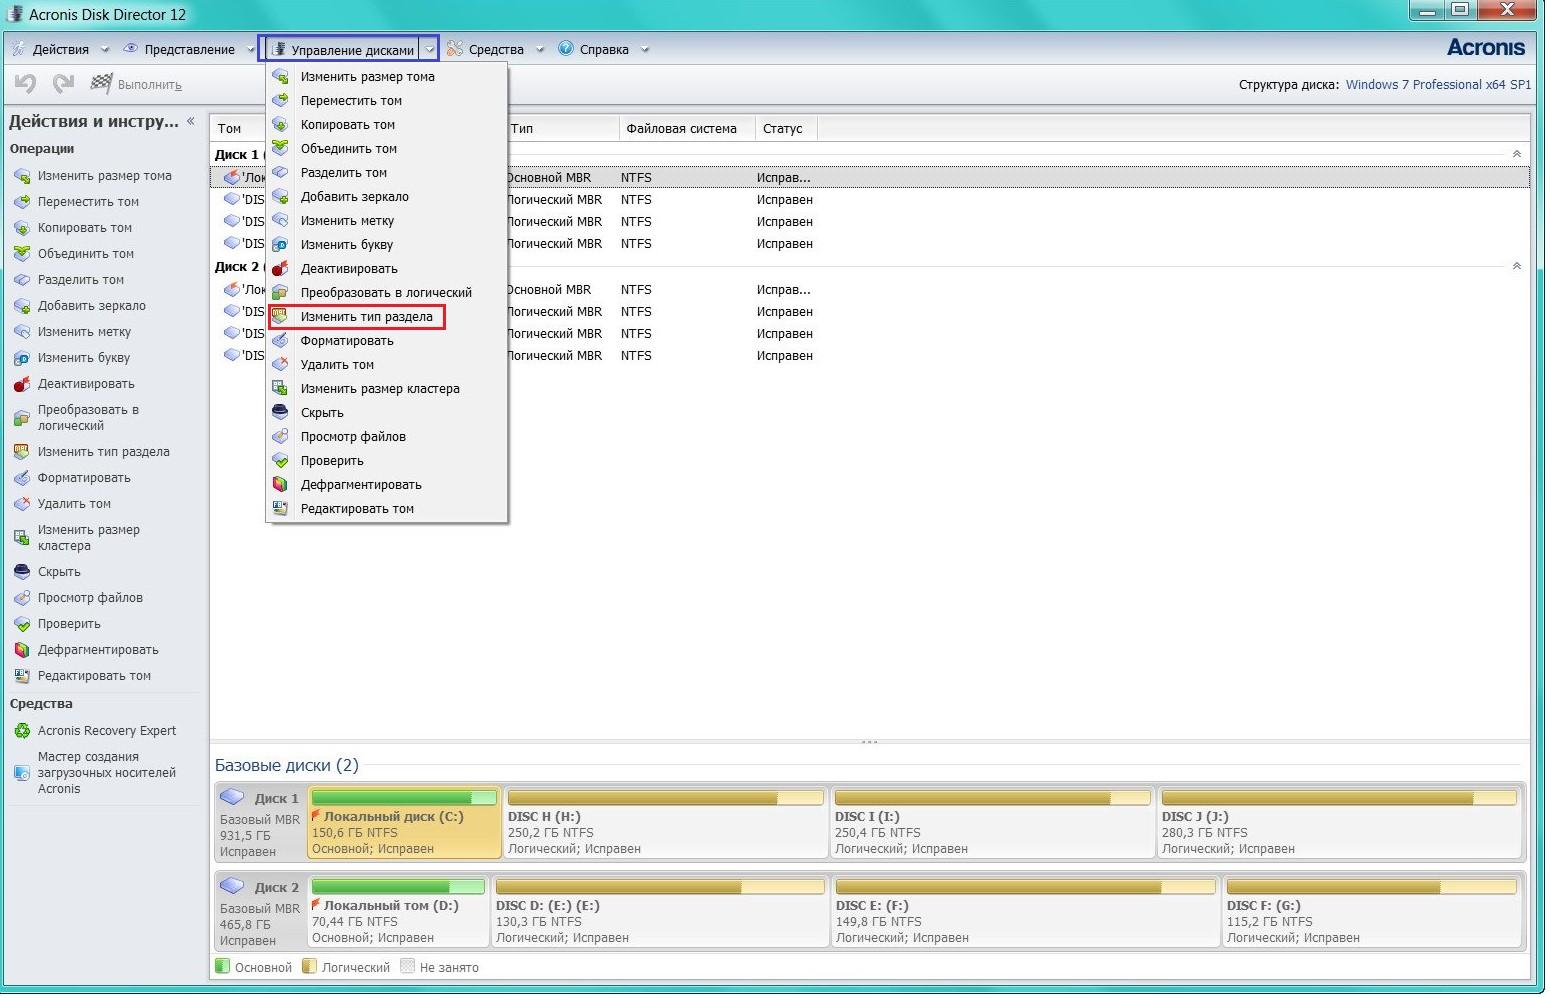 №11. Интерфейс программы Acronis Disk Director